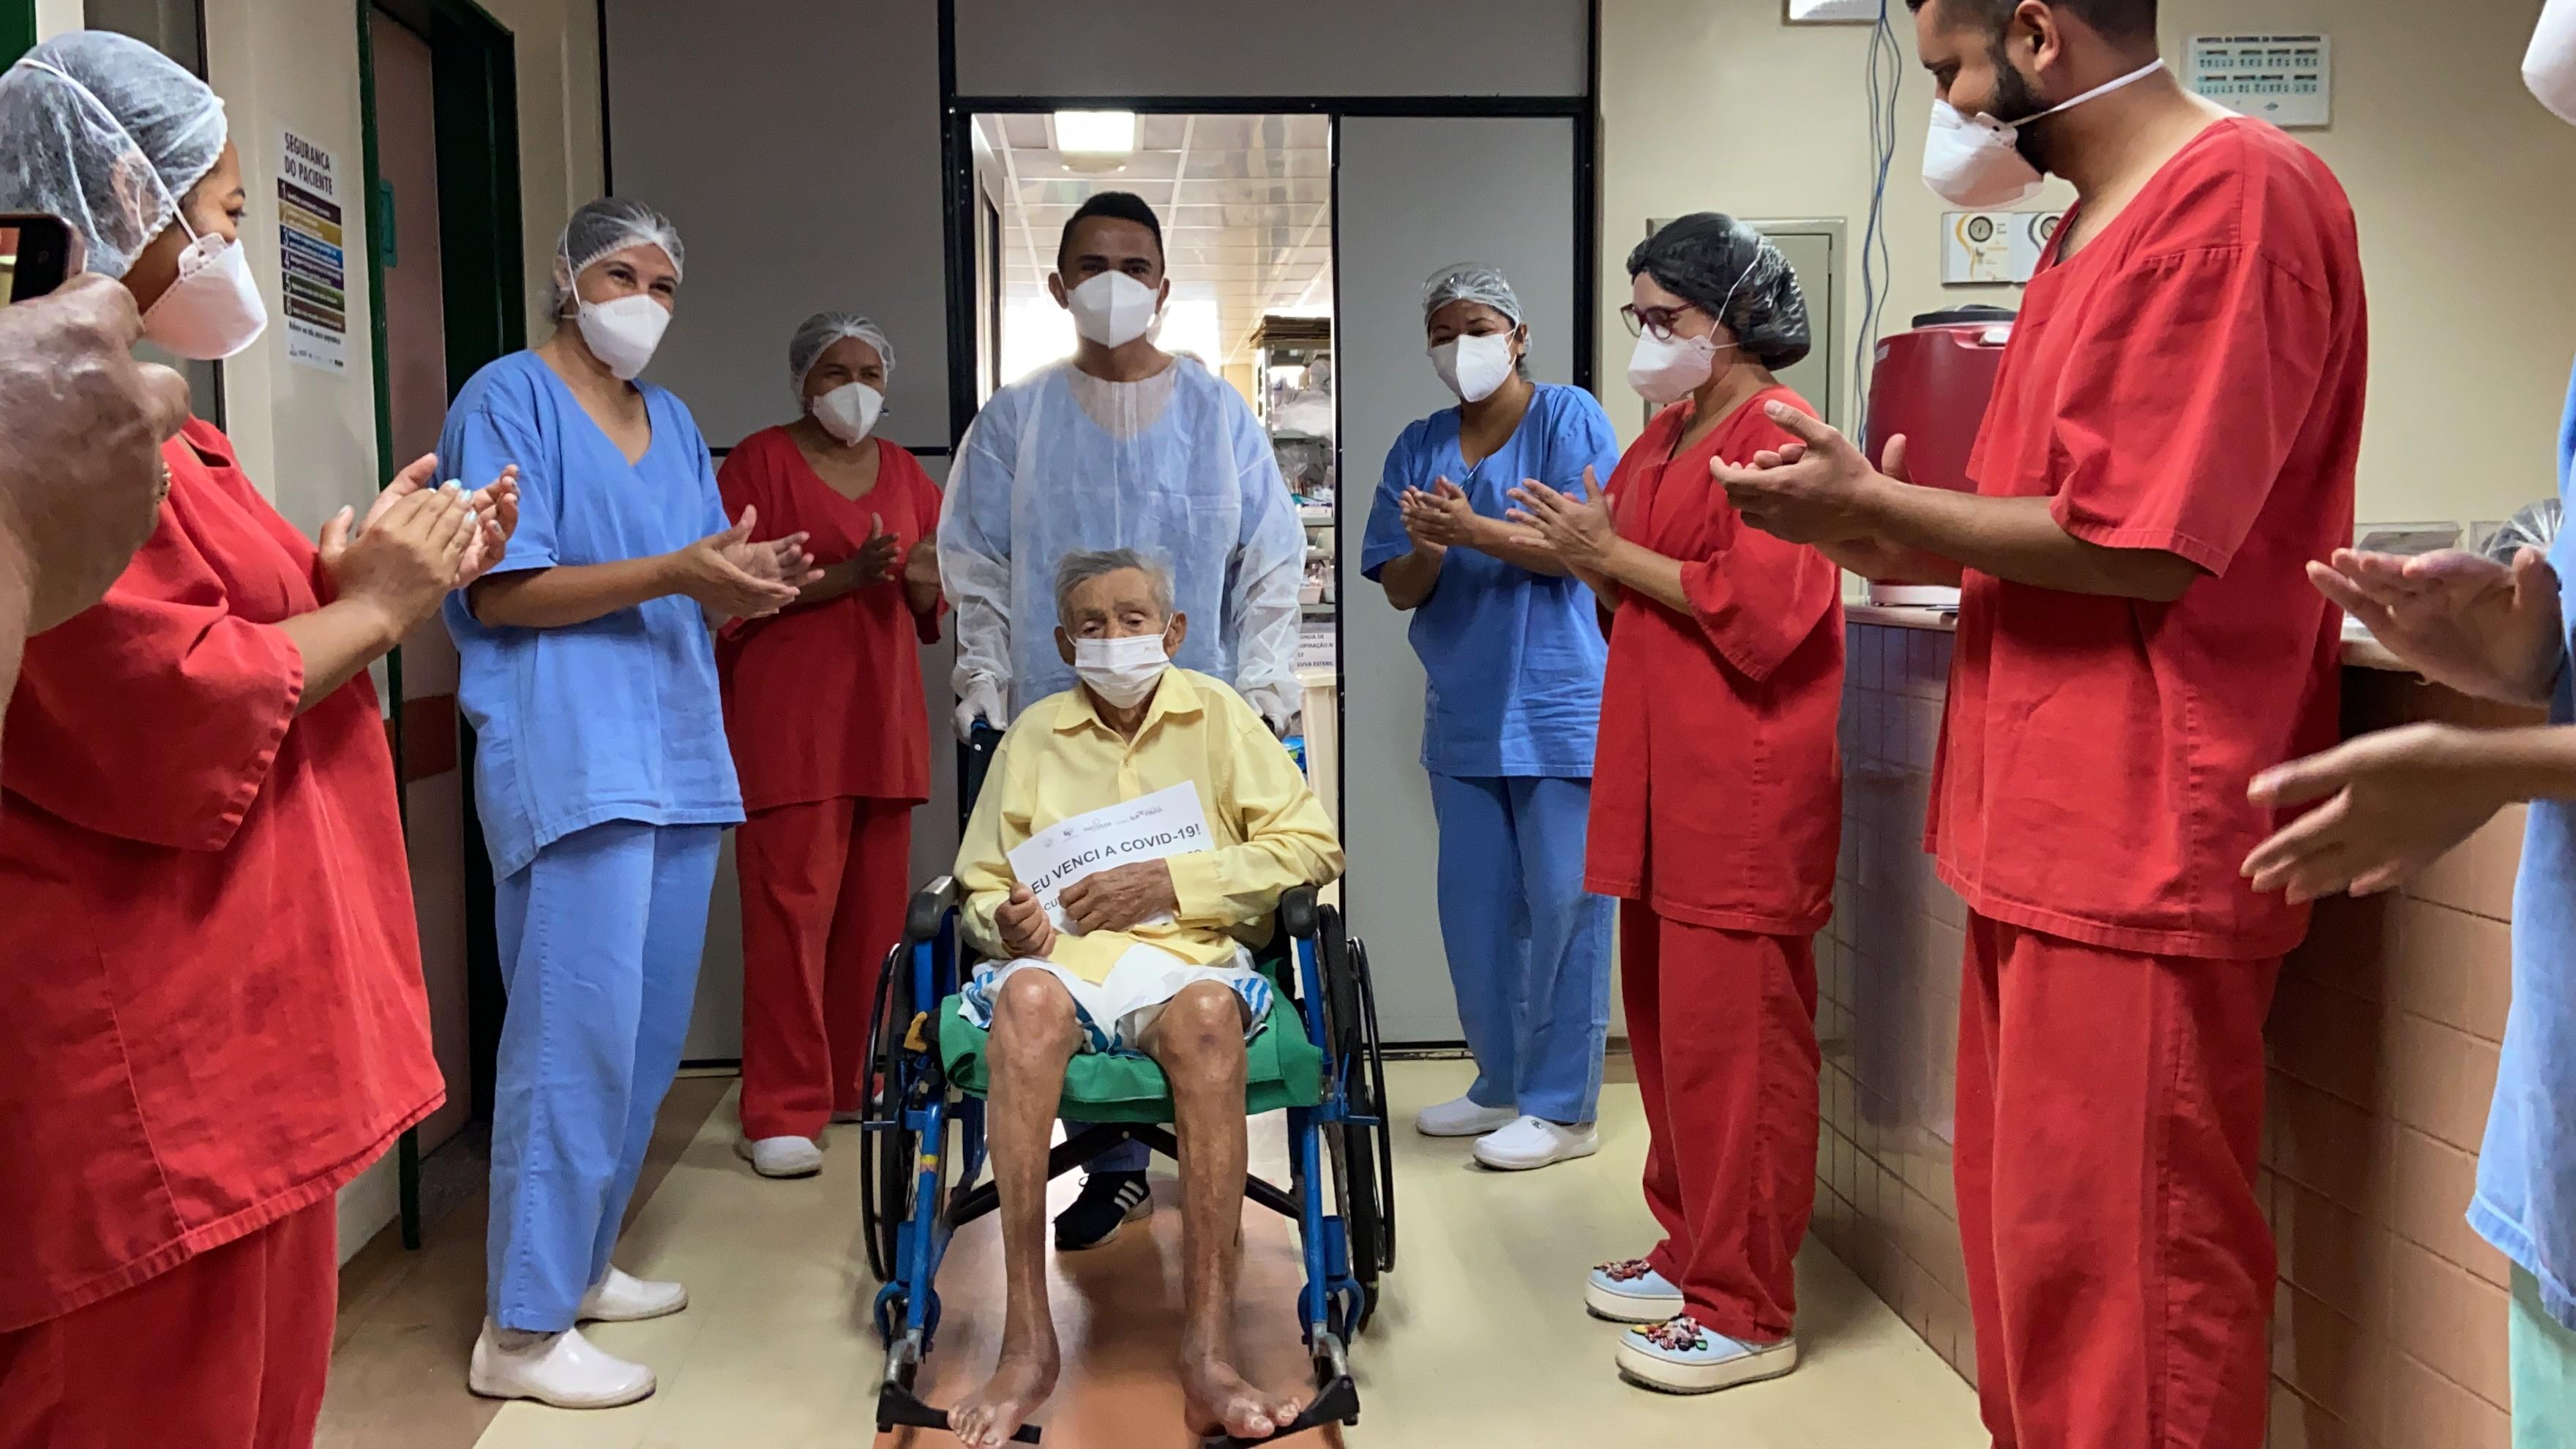 VÍDEO: Após ficar na UTI por causa da Covid-19, idoso de 94 anos recebe alta no Pará